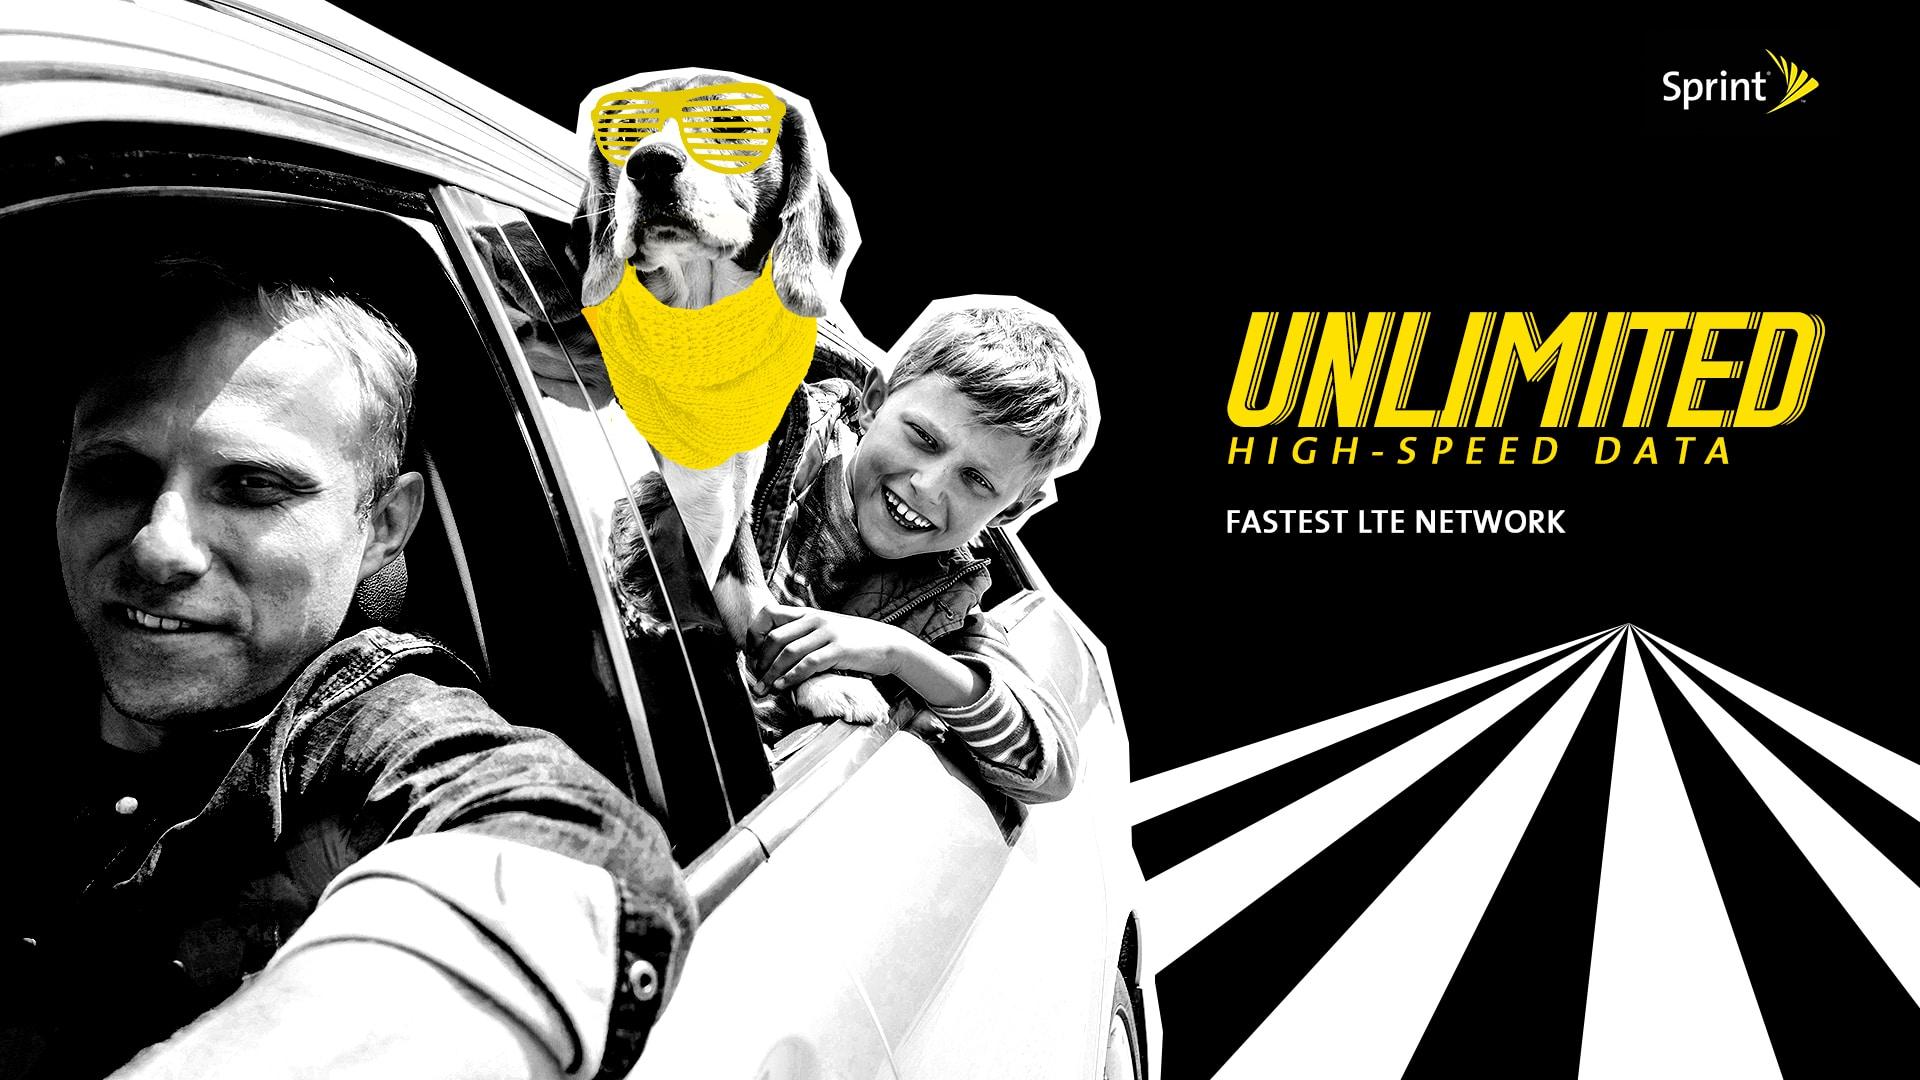 Un père, son fils et leur chien portant une écharpe et des lunettes jaunes passent la tête en souriant par la fenêtre de la voiture avec en arrière plan le titre jaune sur fond noir : Unlimited High-speed data, fastest lte network et le logo Sprint